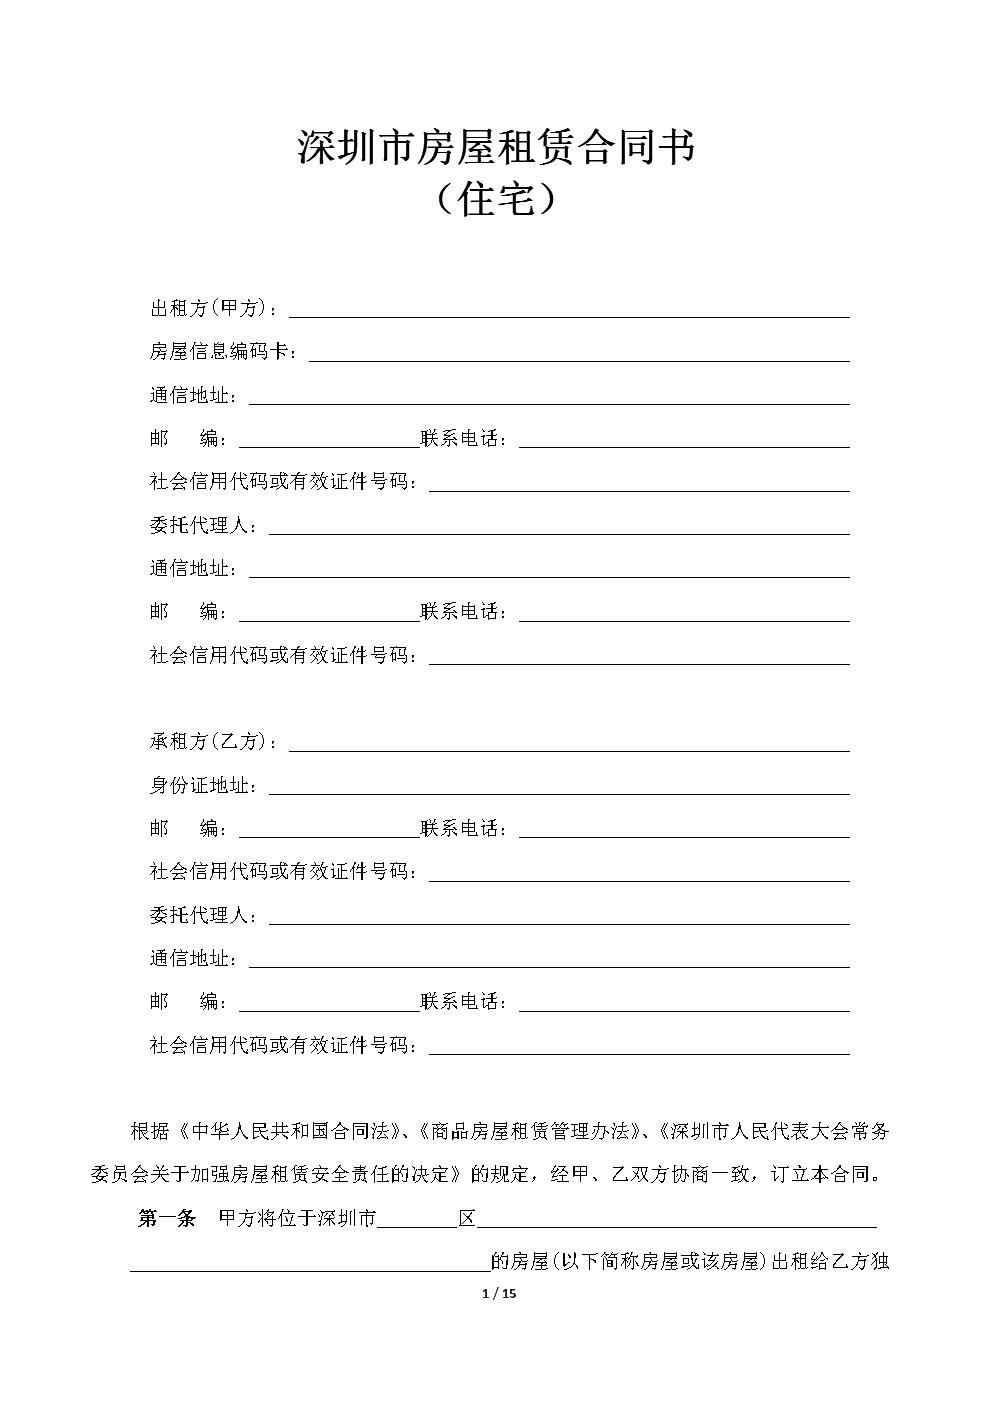 深圳市个人住宅房屋租赁合同范本(详细完整超长版)2018最新.docx